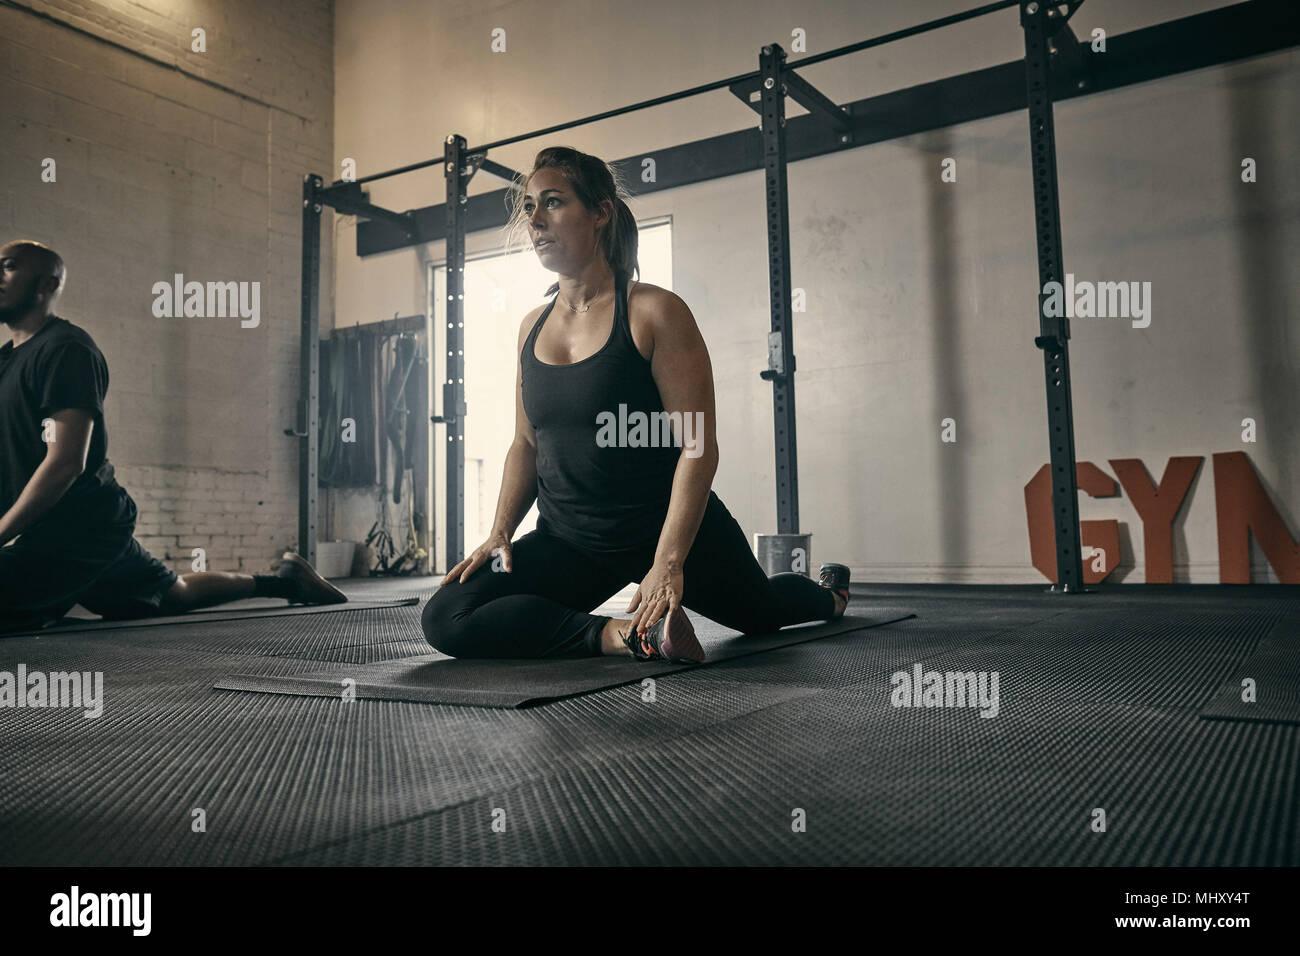 Frau in Yoga Position in der Turnhalle Stockbild